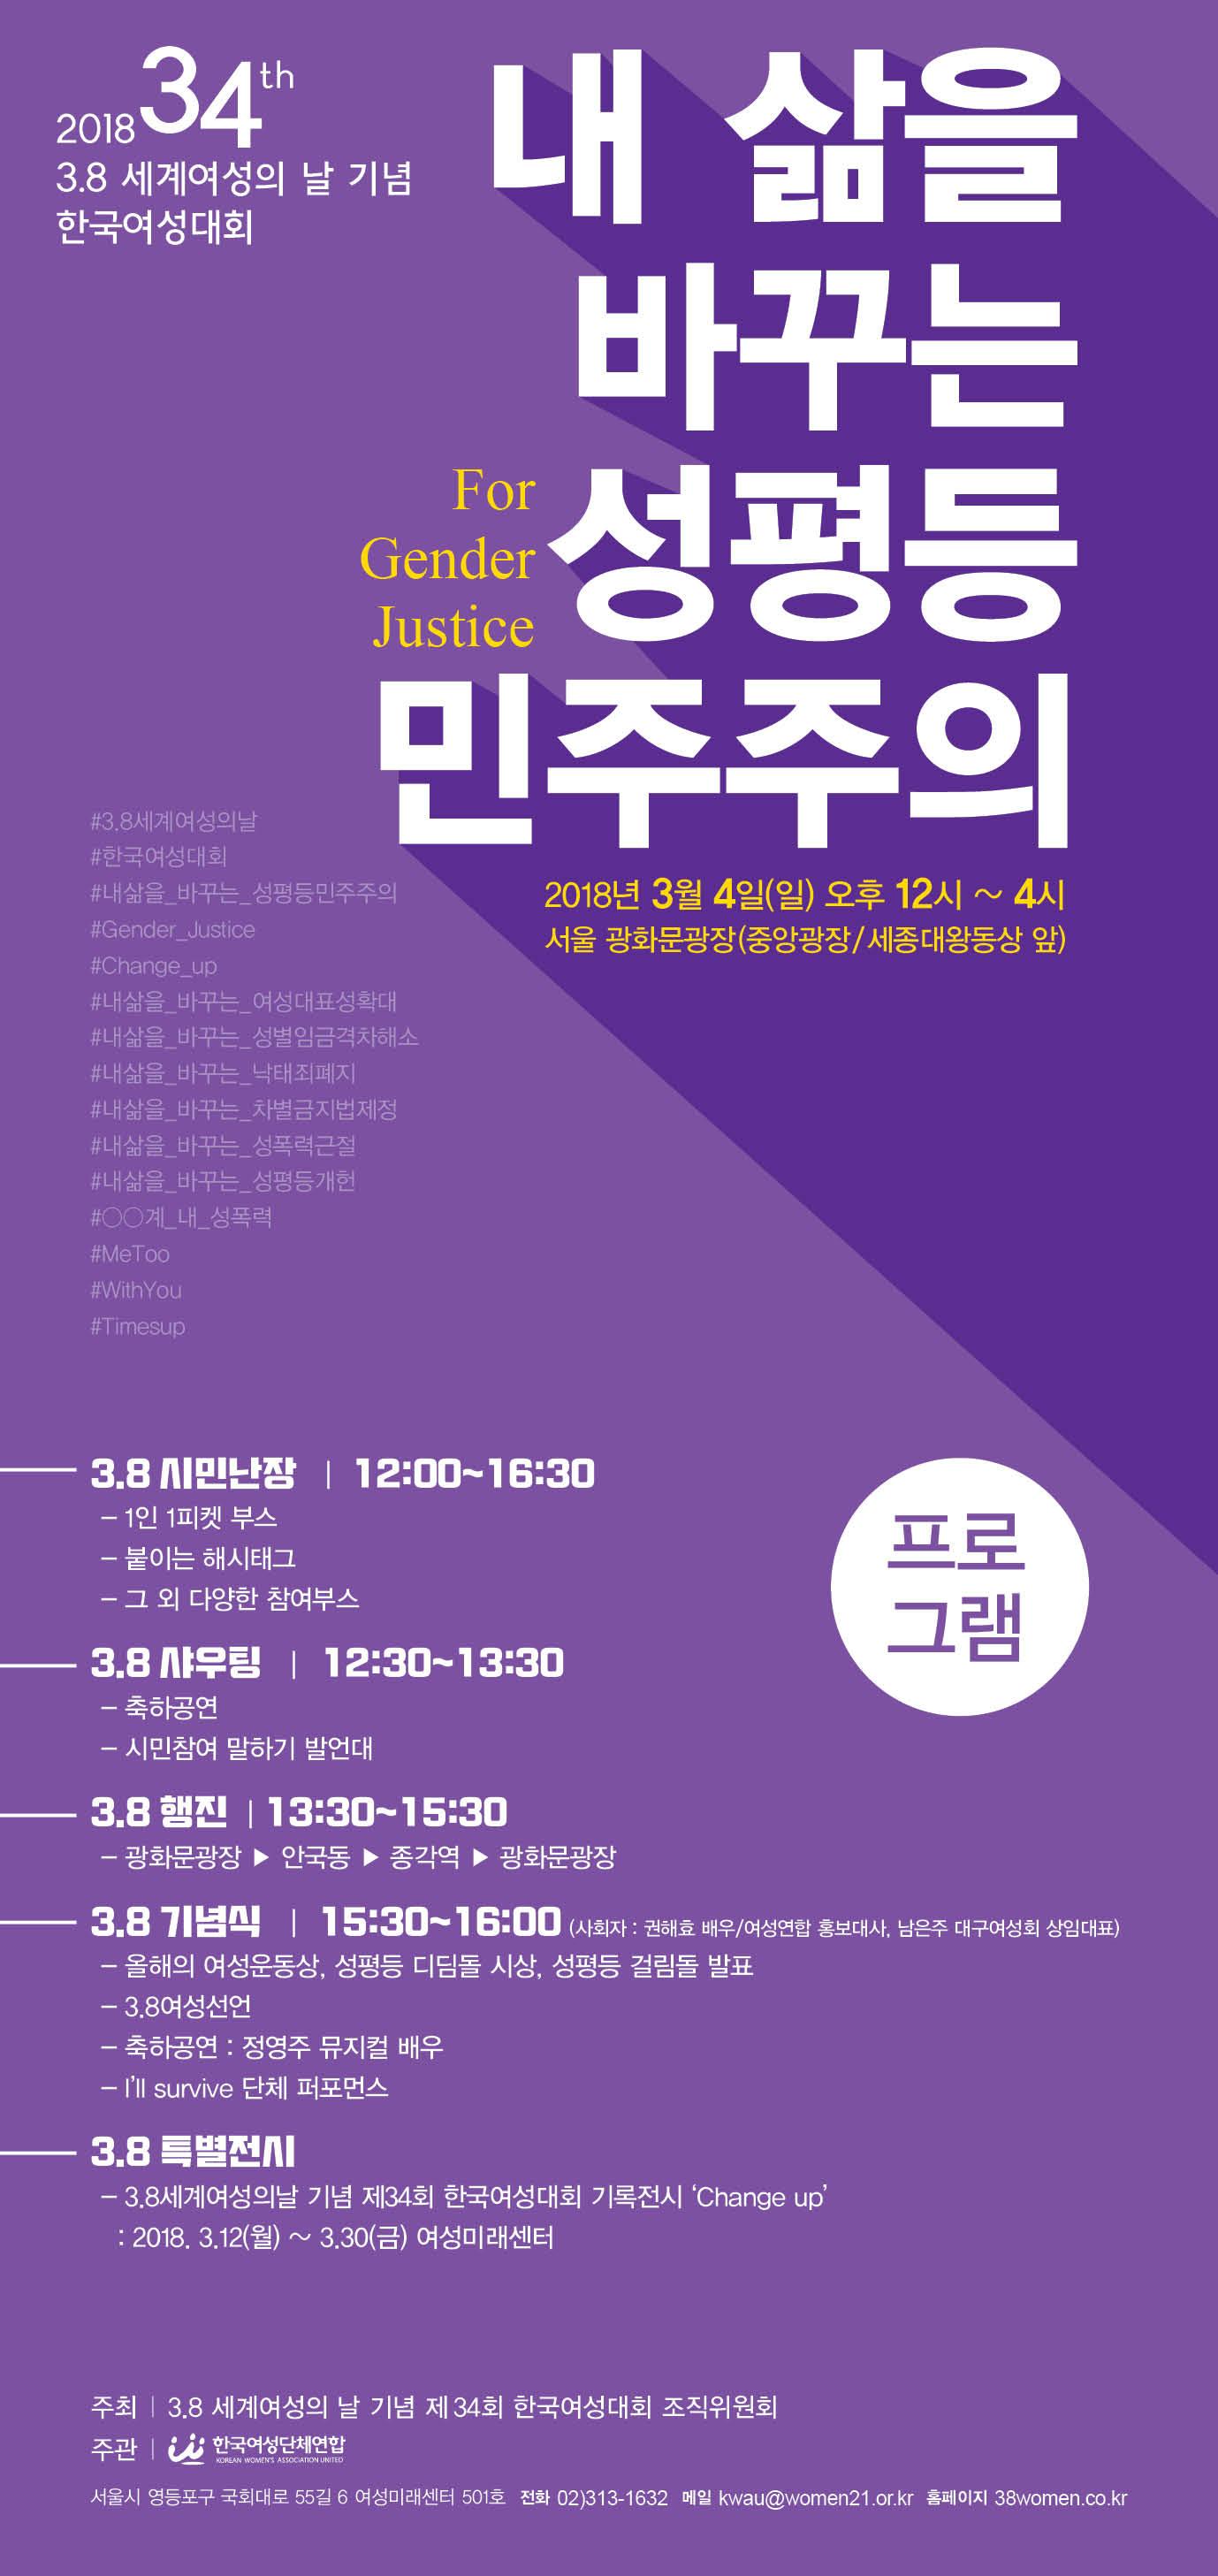 2018-3.8웹자보-수정 (1).jpg